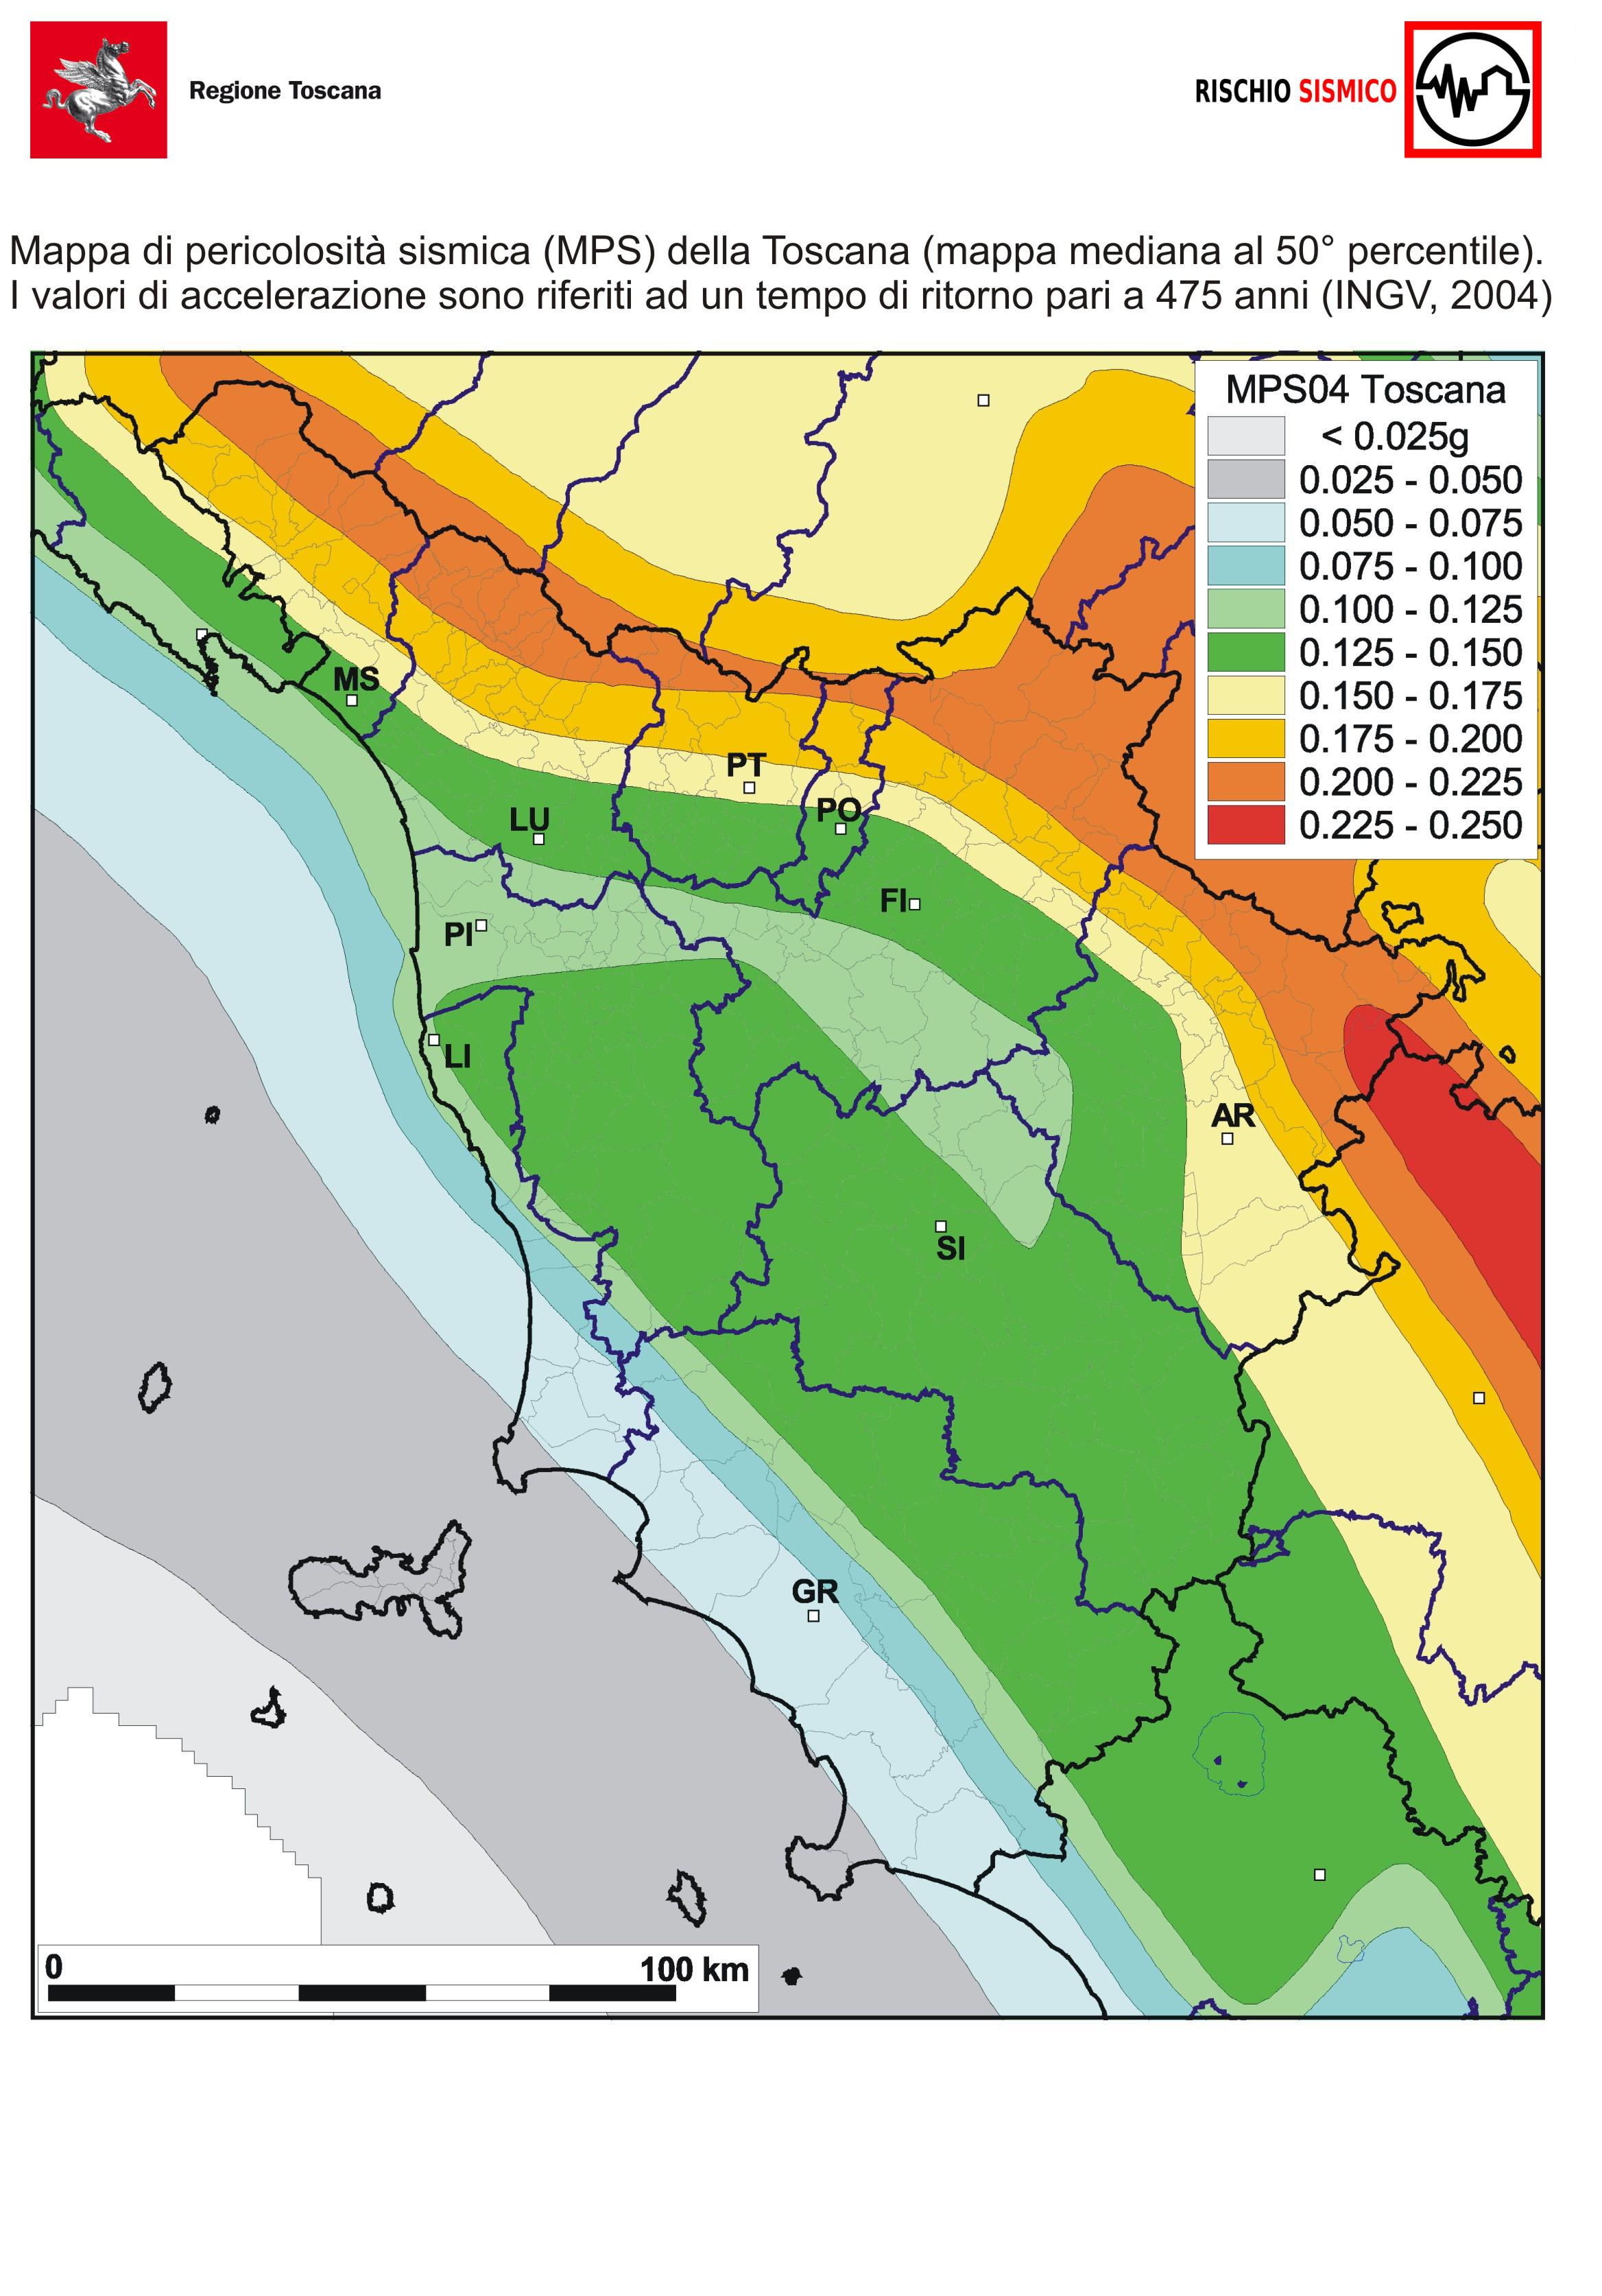 Cartina Zone Sismiche Italia.Classificazione Sismica Della Toscana Regione Toscana